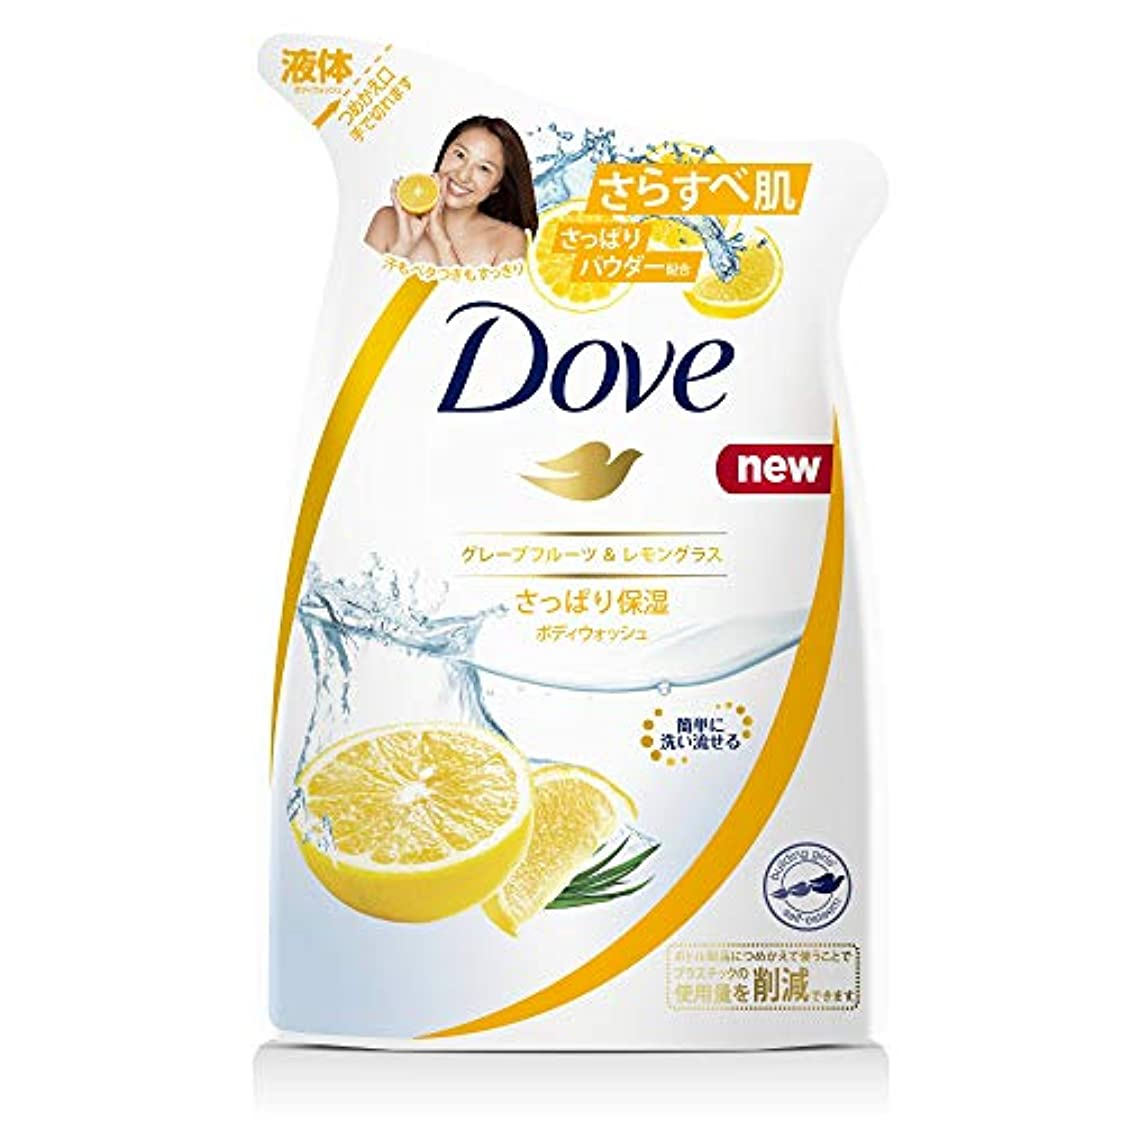 感覚以来ベッドを作るダヴ ボディウォッシュ グレープフルーツ&レモングラス つめかえ用 360g